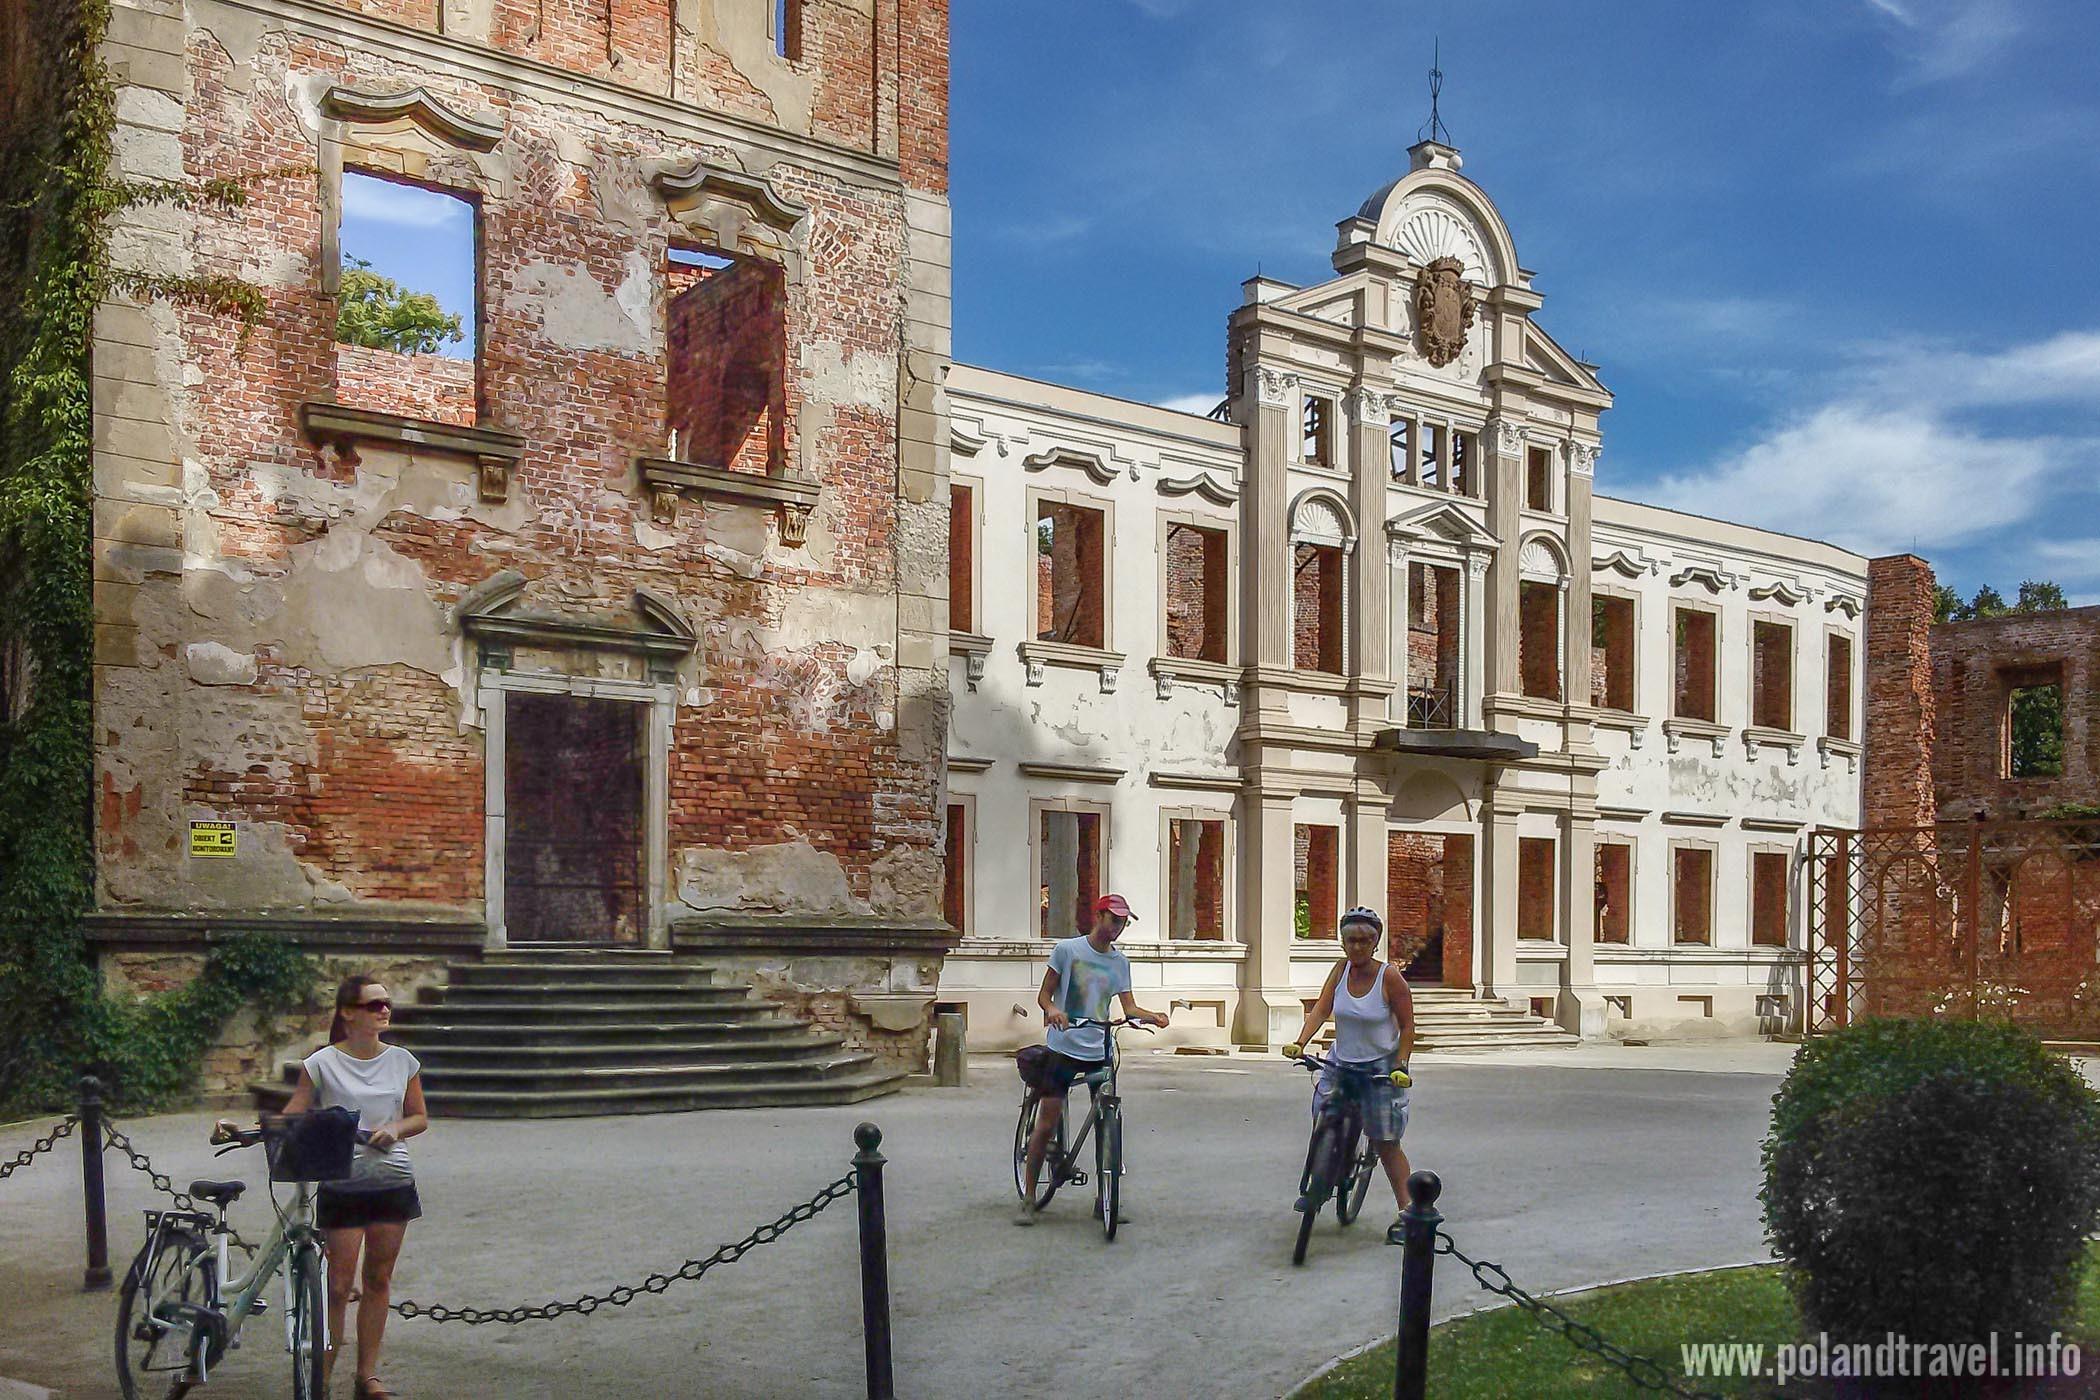 Ruiny Pałacu w Żmigrodzie, zachowana elewacja trójka rowerzystów